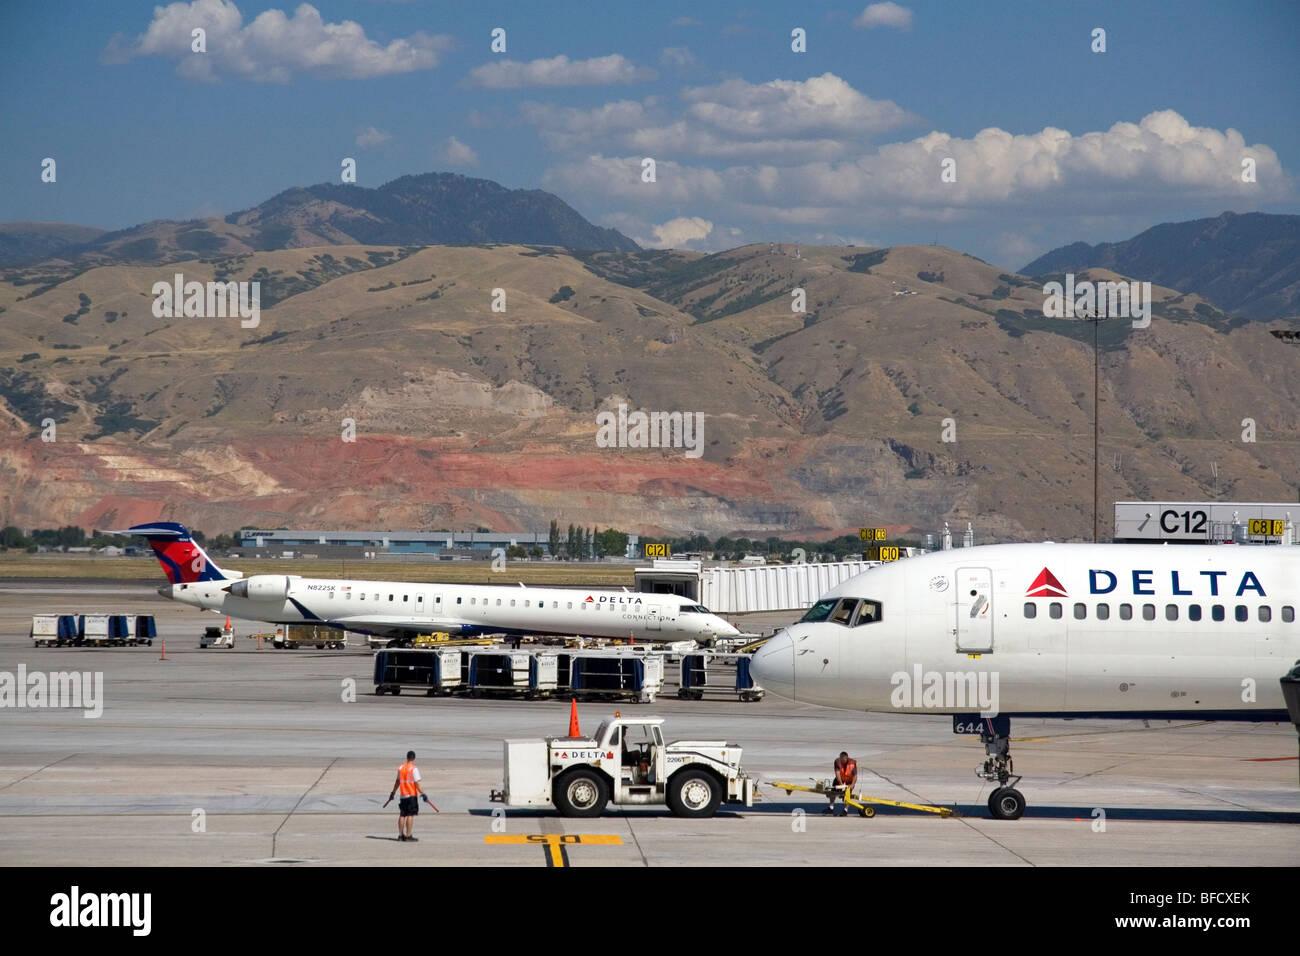 Delta Air Lines hub at the Salt Lake City International Airport in Salt Lake City, Utah, USA. - Stock Image